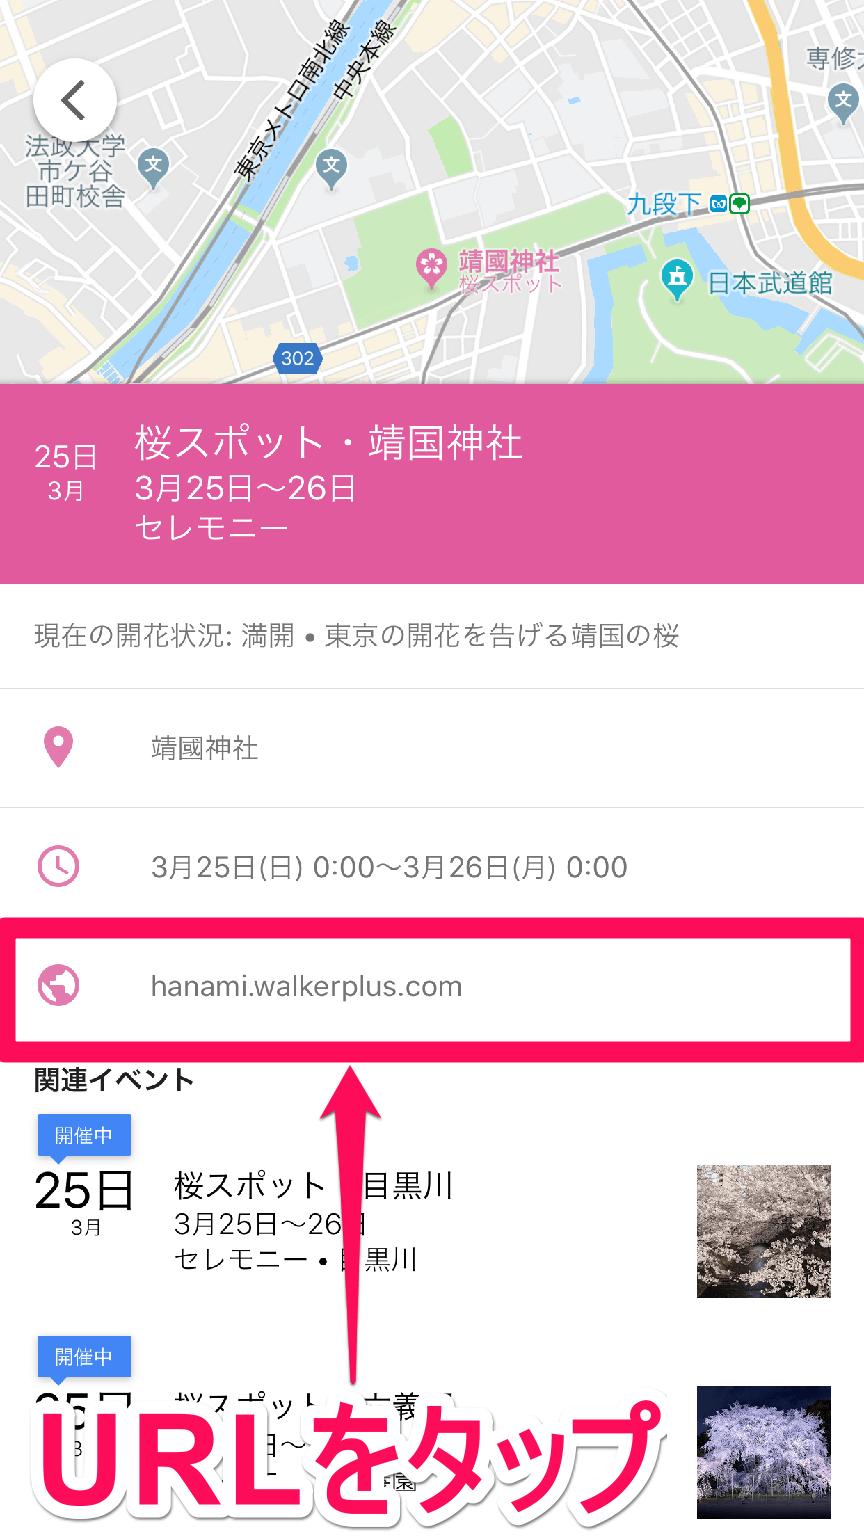 グーグルマップ(Google地図)の桜スポット詳細画面